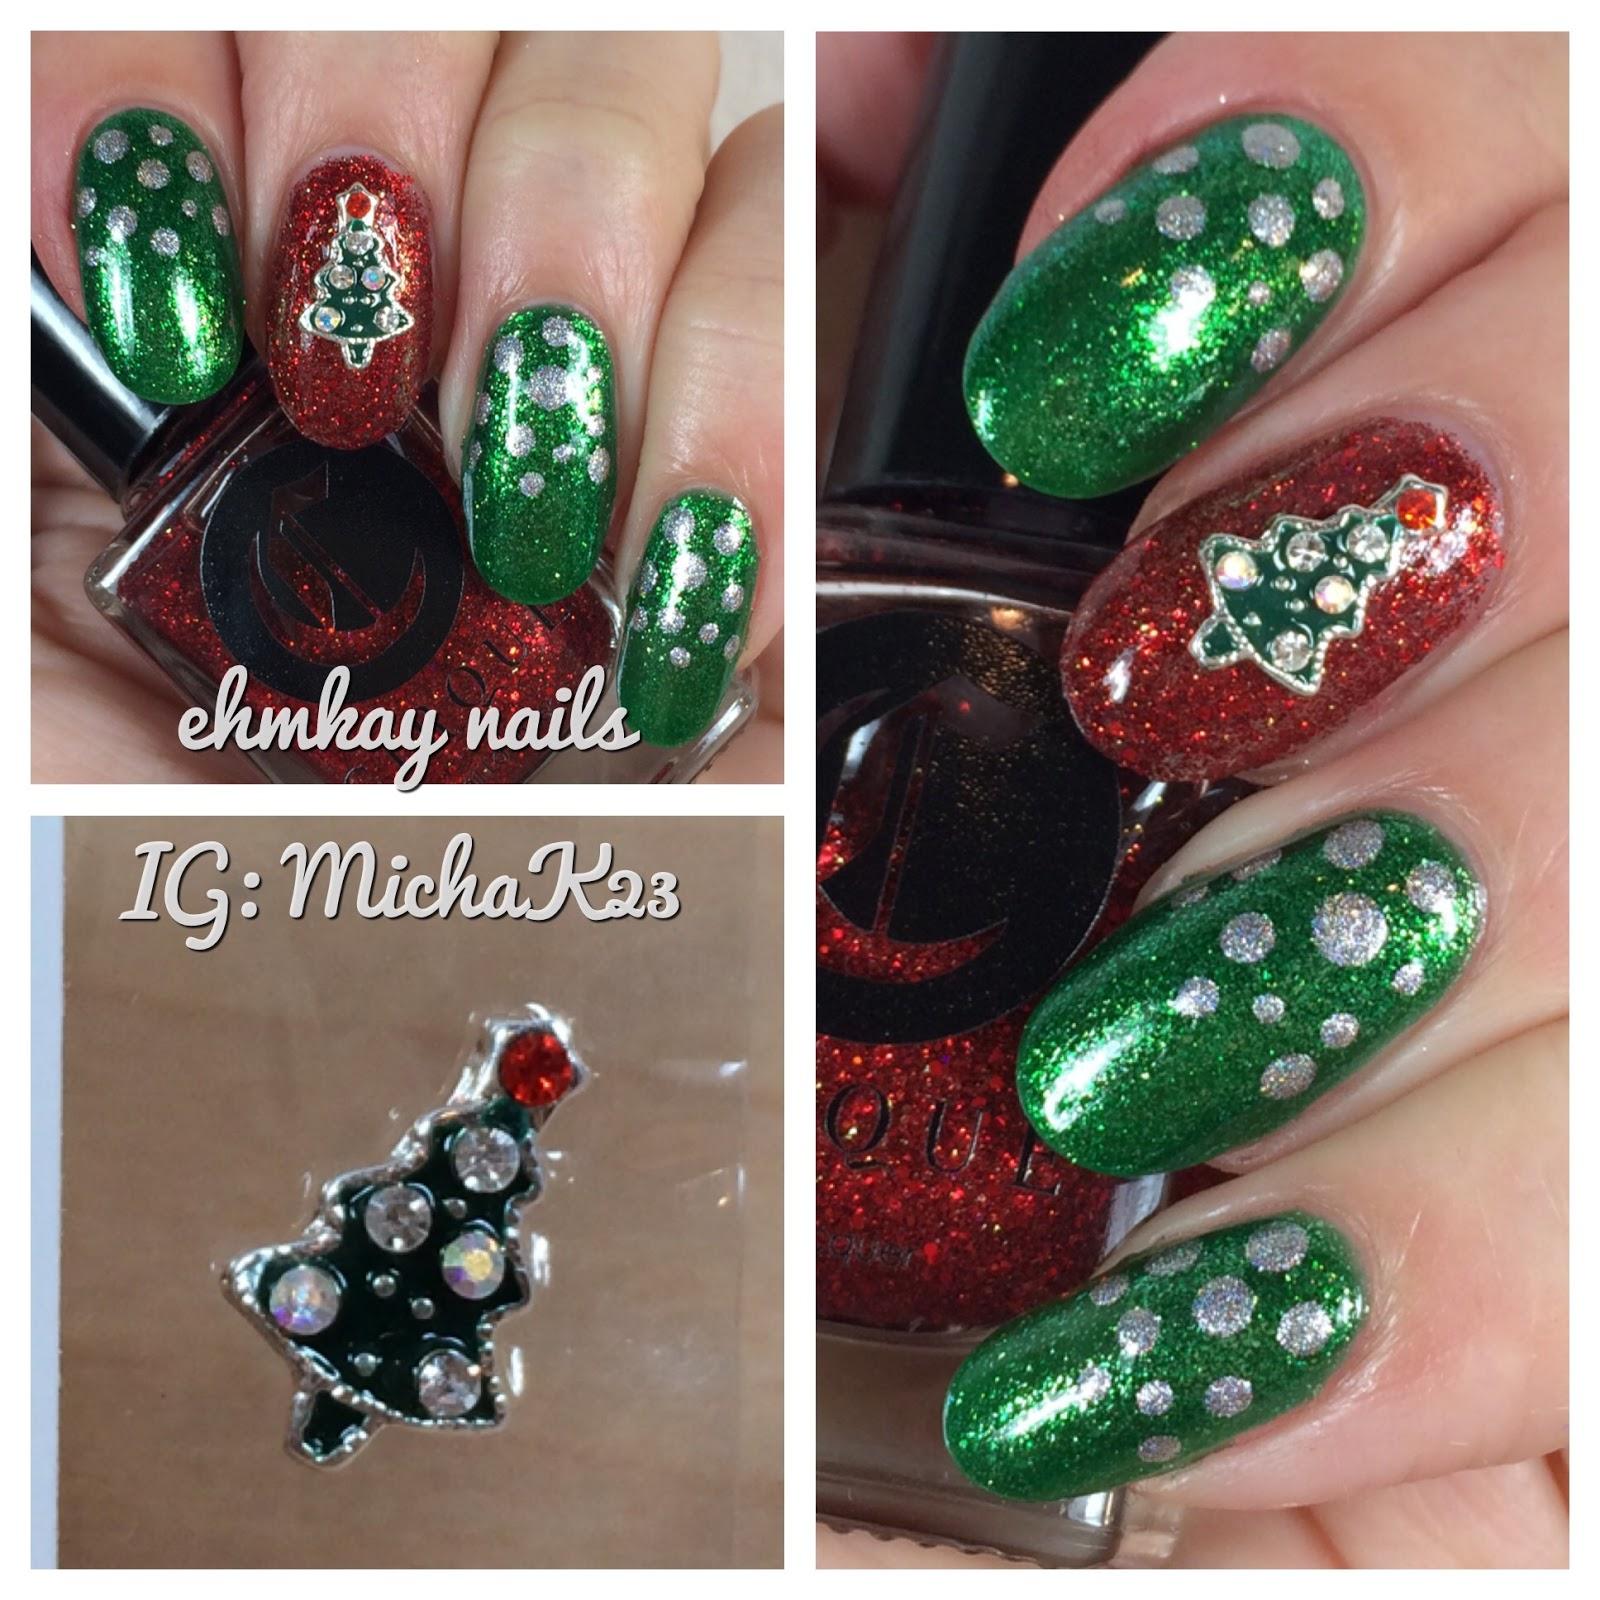 ehmkay nails: Christmas Tree Nail Jewelry and Easy Festive Nail Art